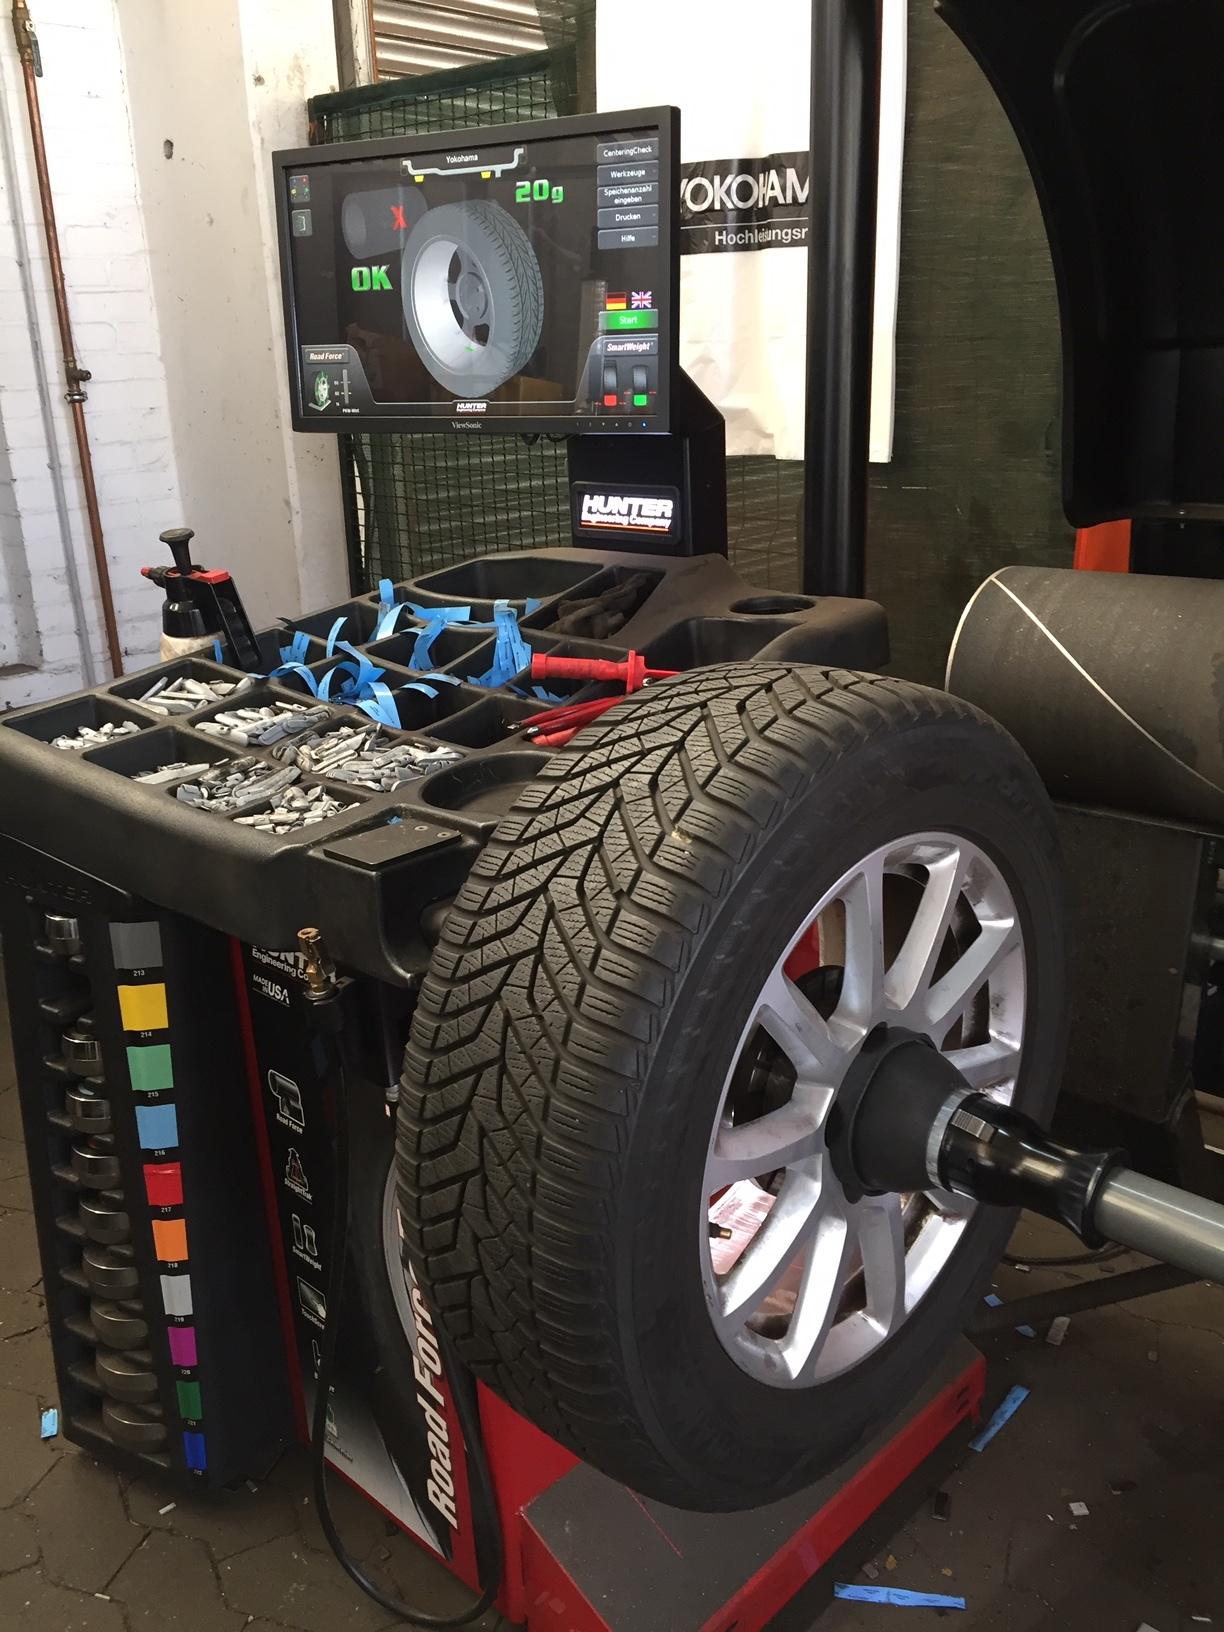 YOKOHAMA Reifen Umrüstung Wuchtmaschine